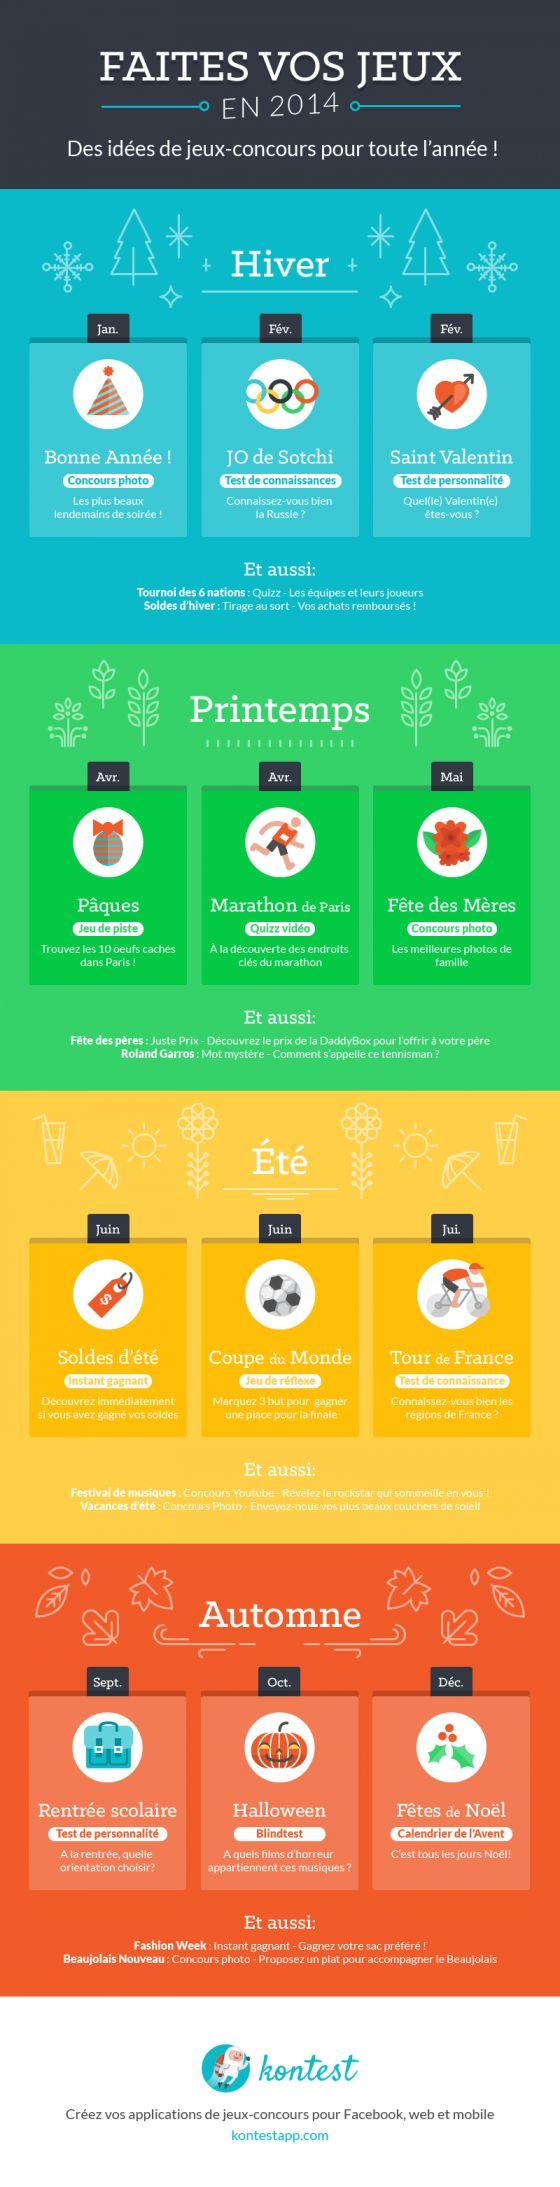 20 Idées de Jeux-Concours Facebook Saisonniers pour votre Calendrier Editorial